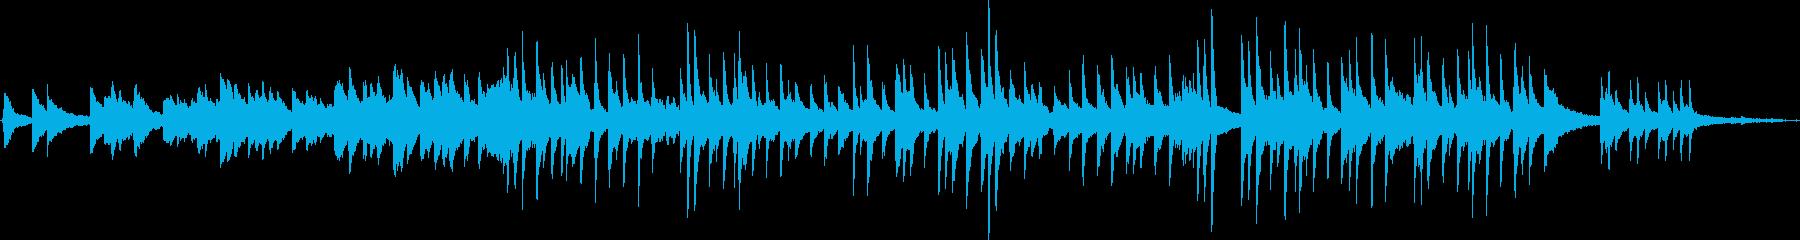 ホルスト「木星」のメロディをピアノソロでの再生済みの波形